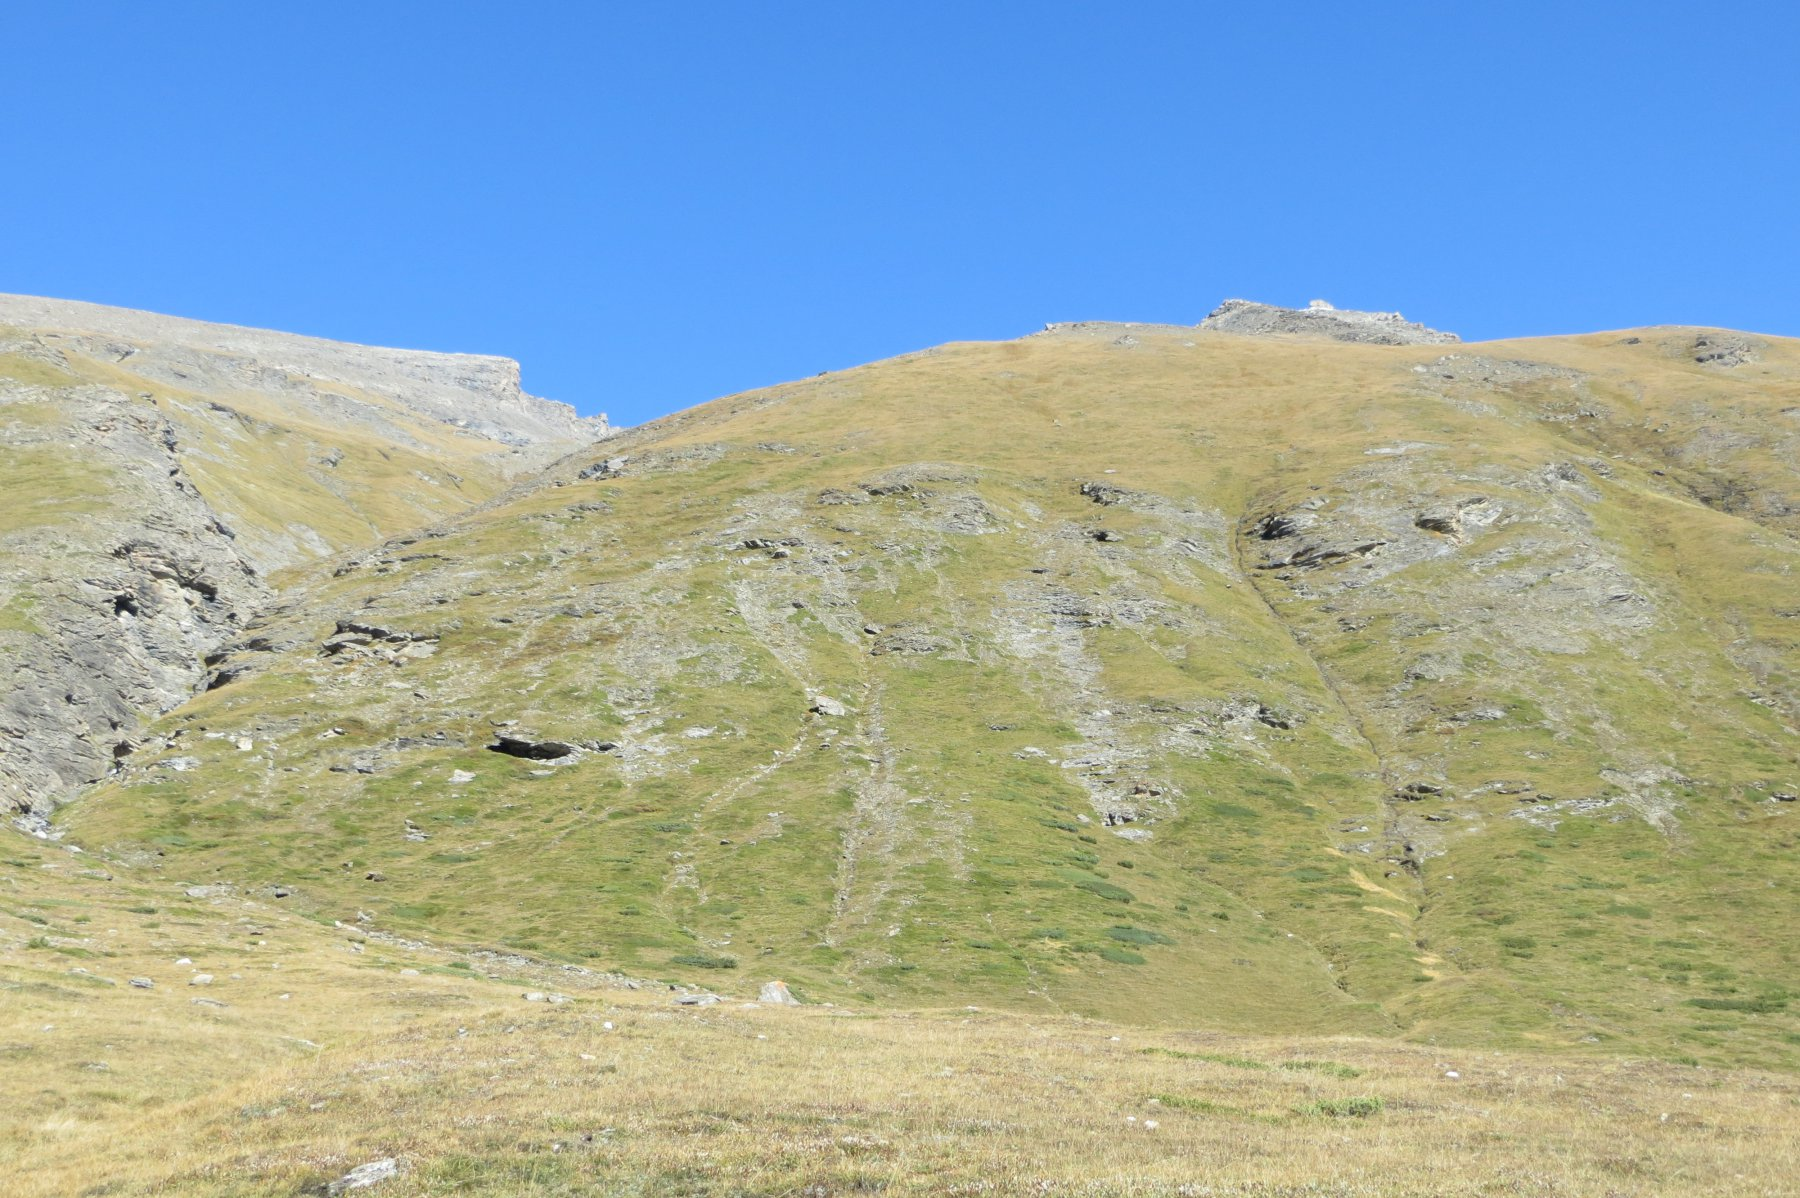 l'intaglio del Ruisseau de Saulcier a sinistra, la vetta in alto a destra